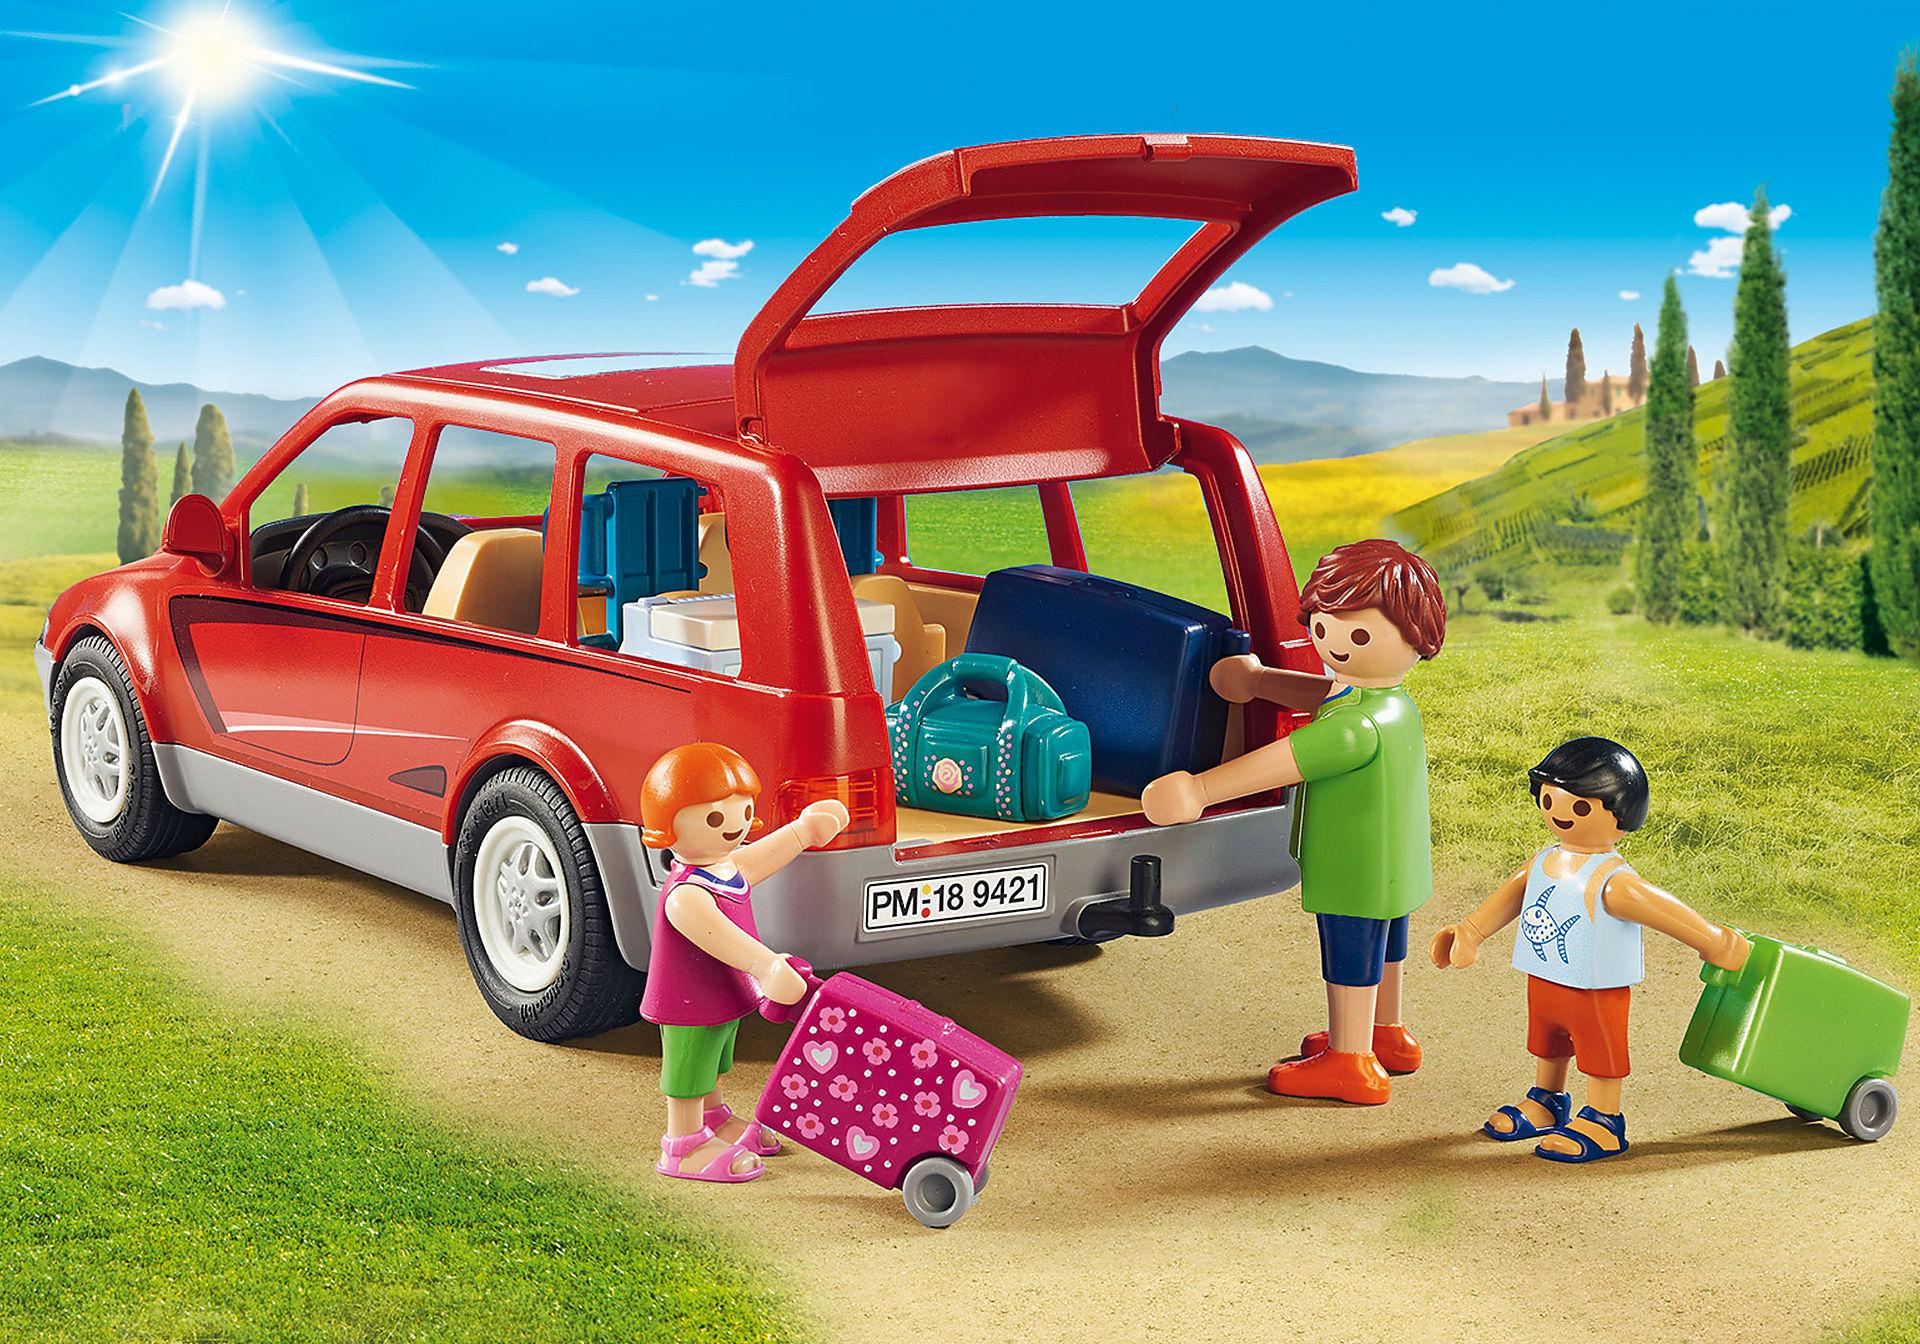 9421 Οικογενειακό πολυχρηστικό όχημα zoom image5